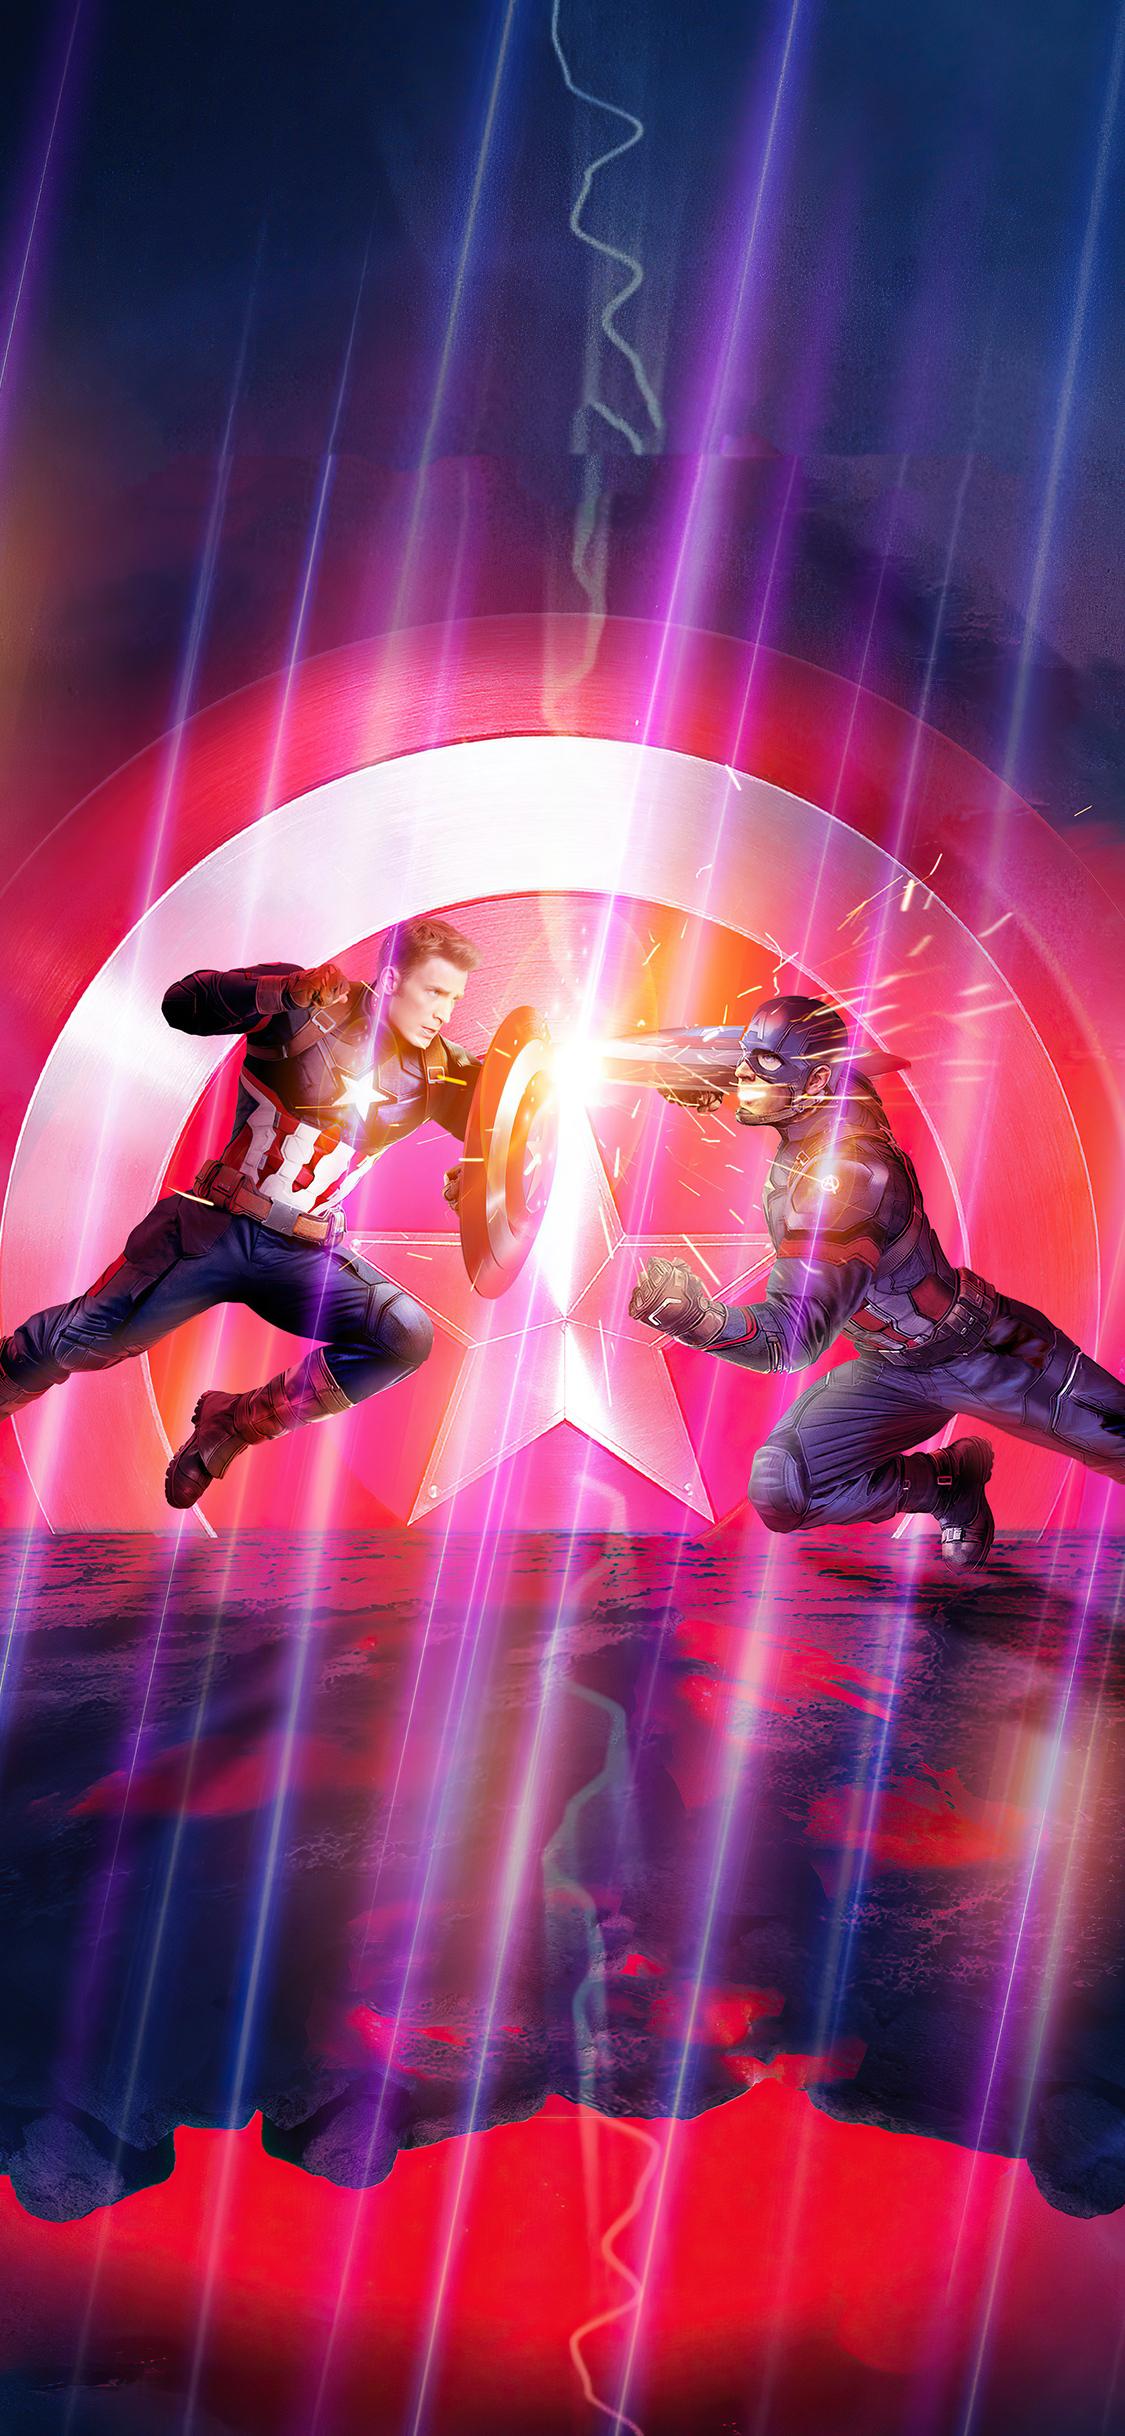 captain-america-vs-captain-america-avengers-end-game-poster-4k-iy.jpg